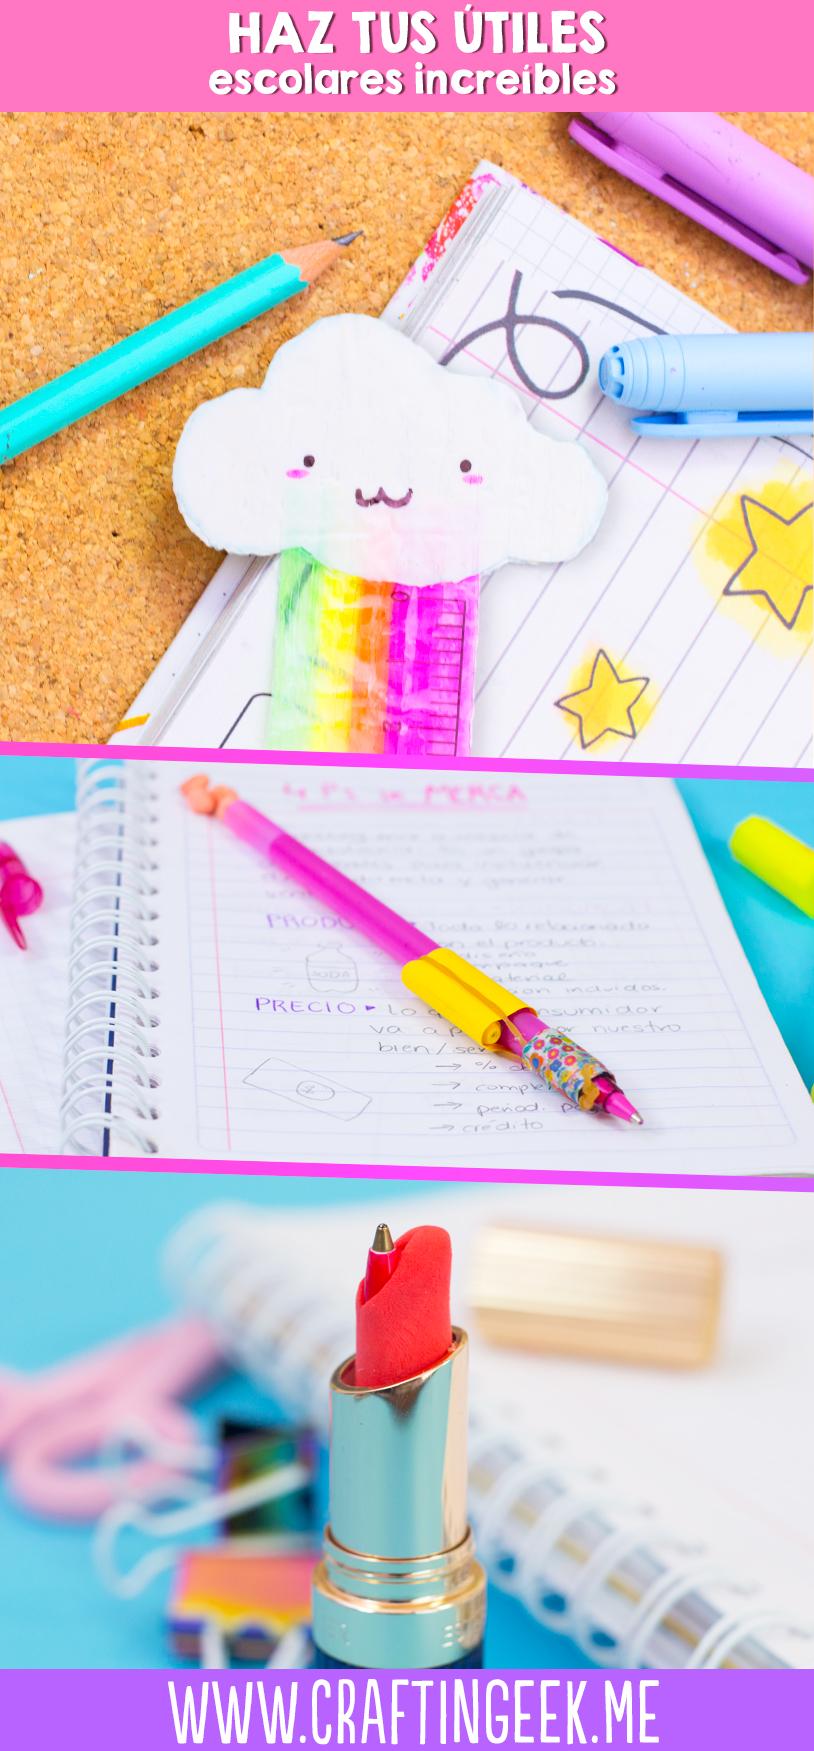 Haz tus propios utiles escolares kawaii! DIY School supplies